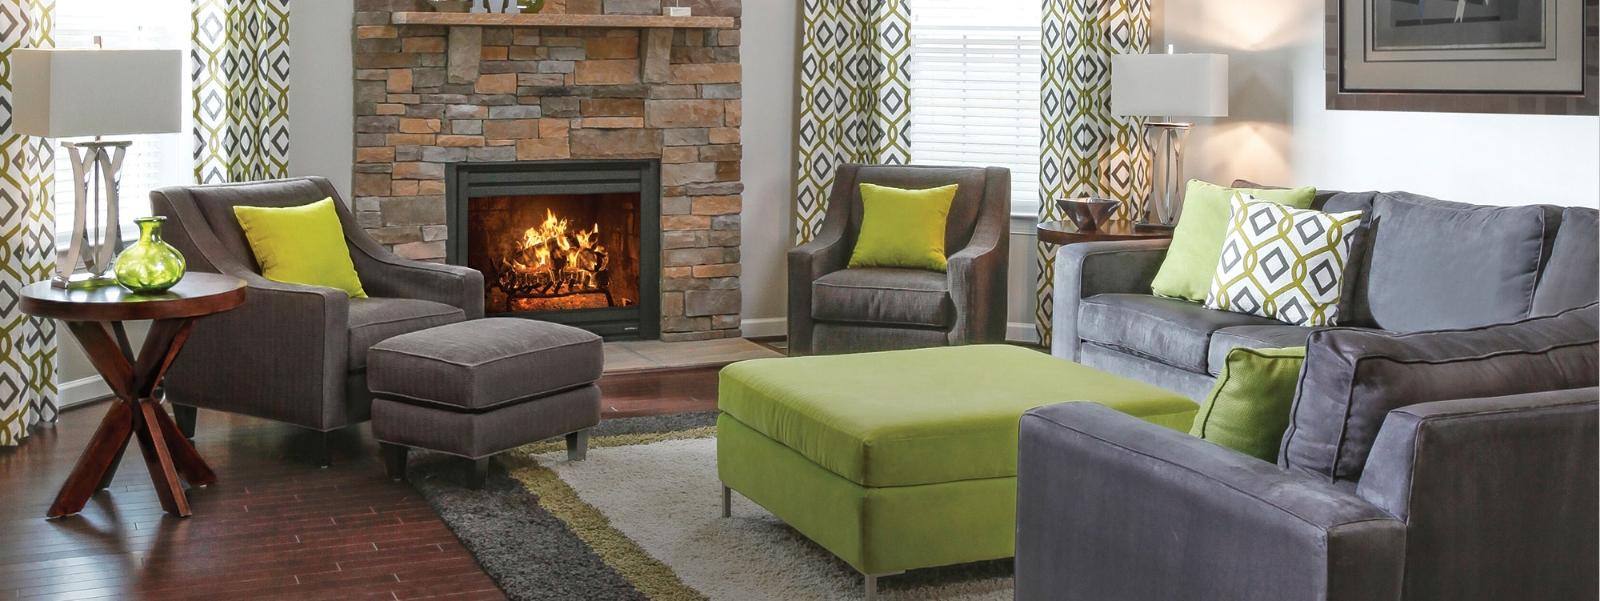 Decorating Den Interiors image 4